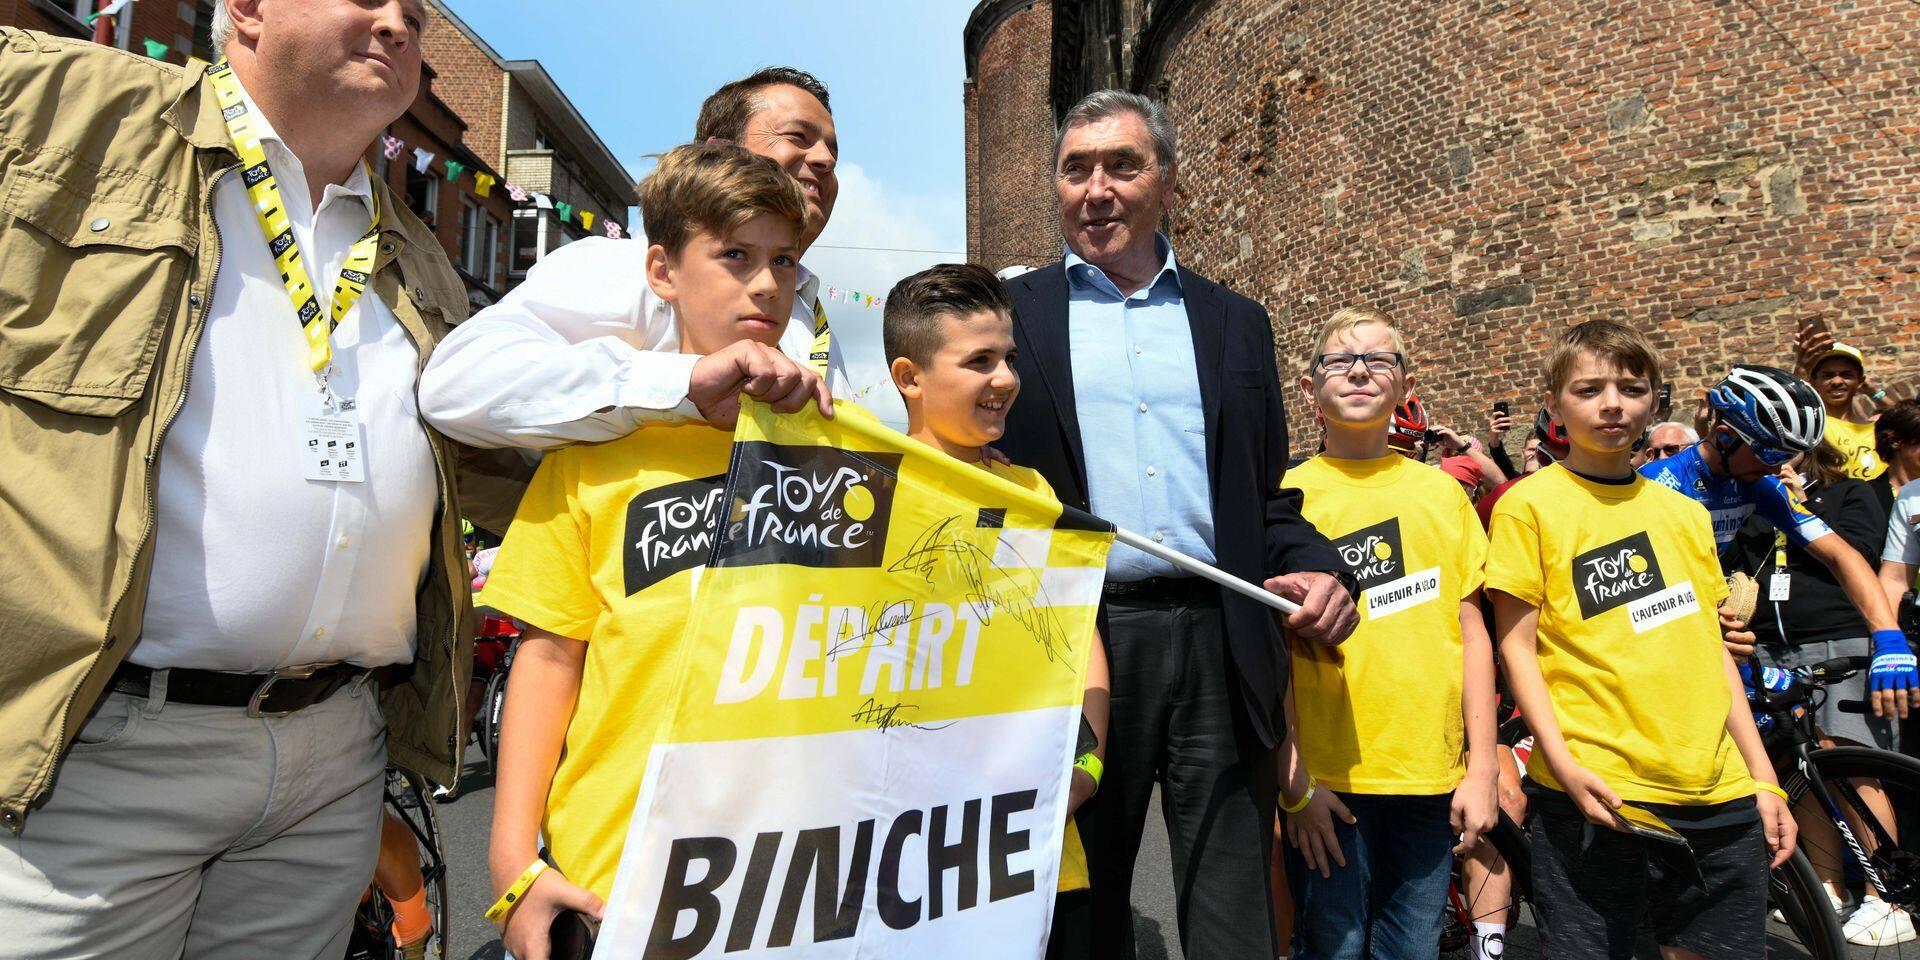 TOUR DE FRANCE 2019 / BINCHE